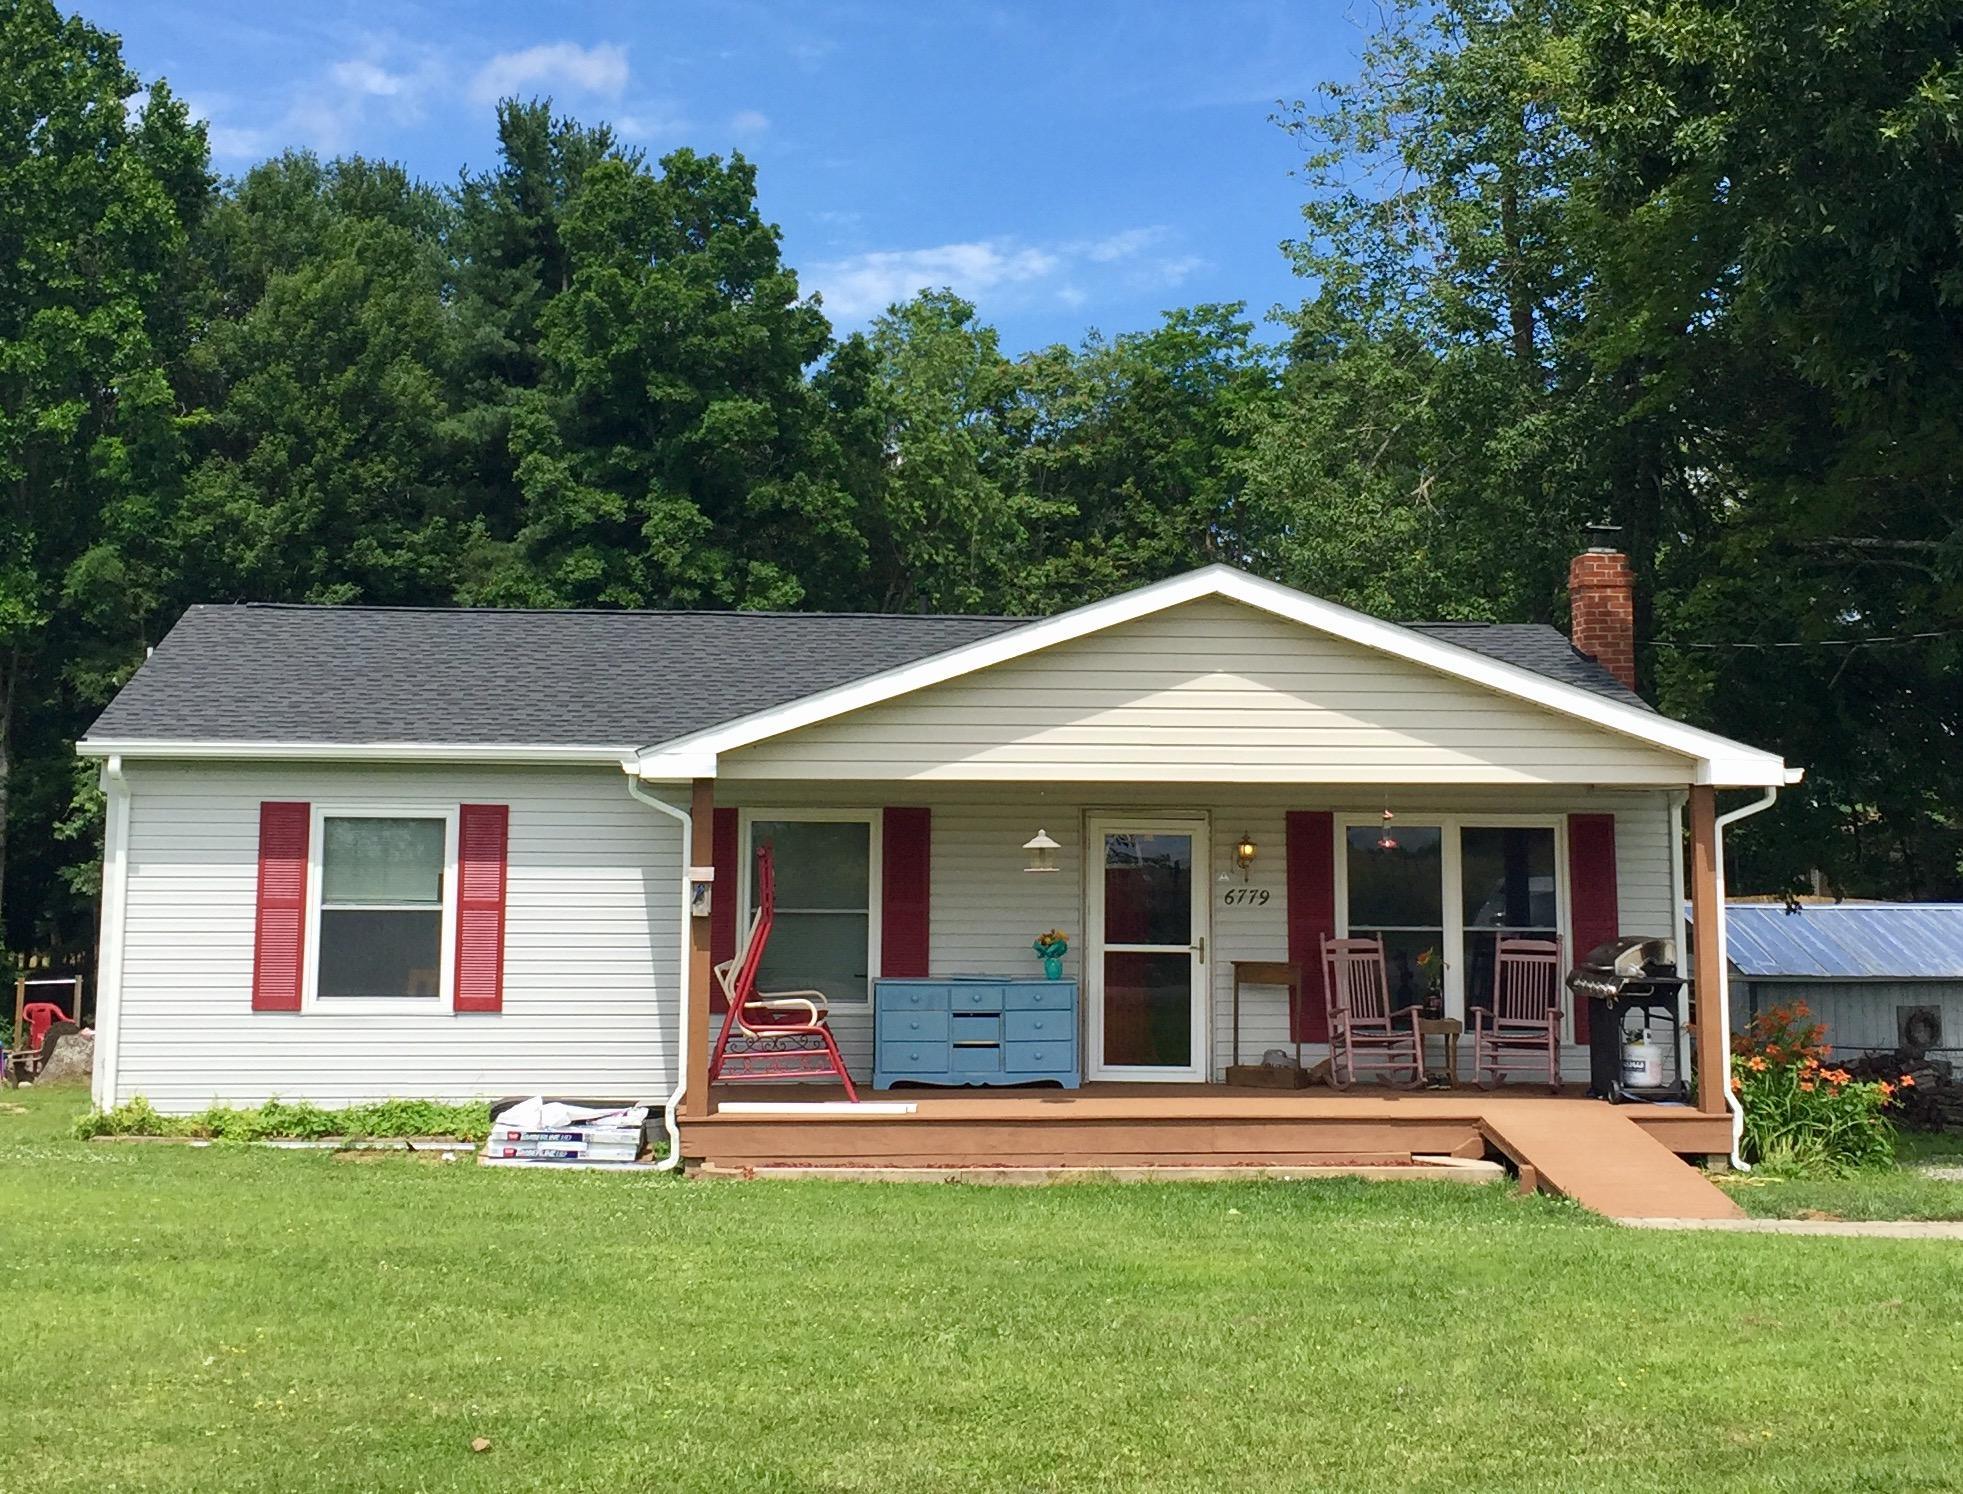 6779 Conner RD NE, Copper Hill, VA 24079